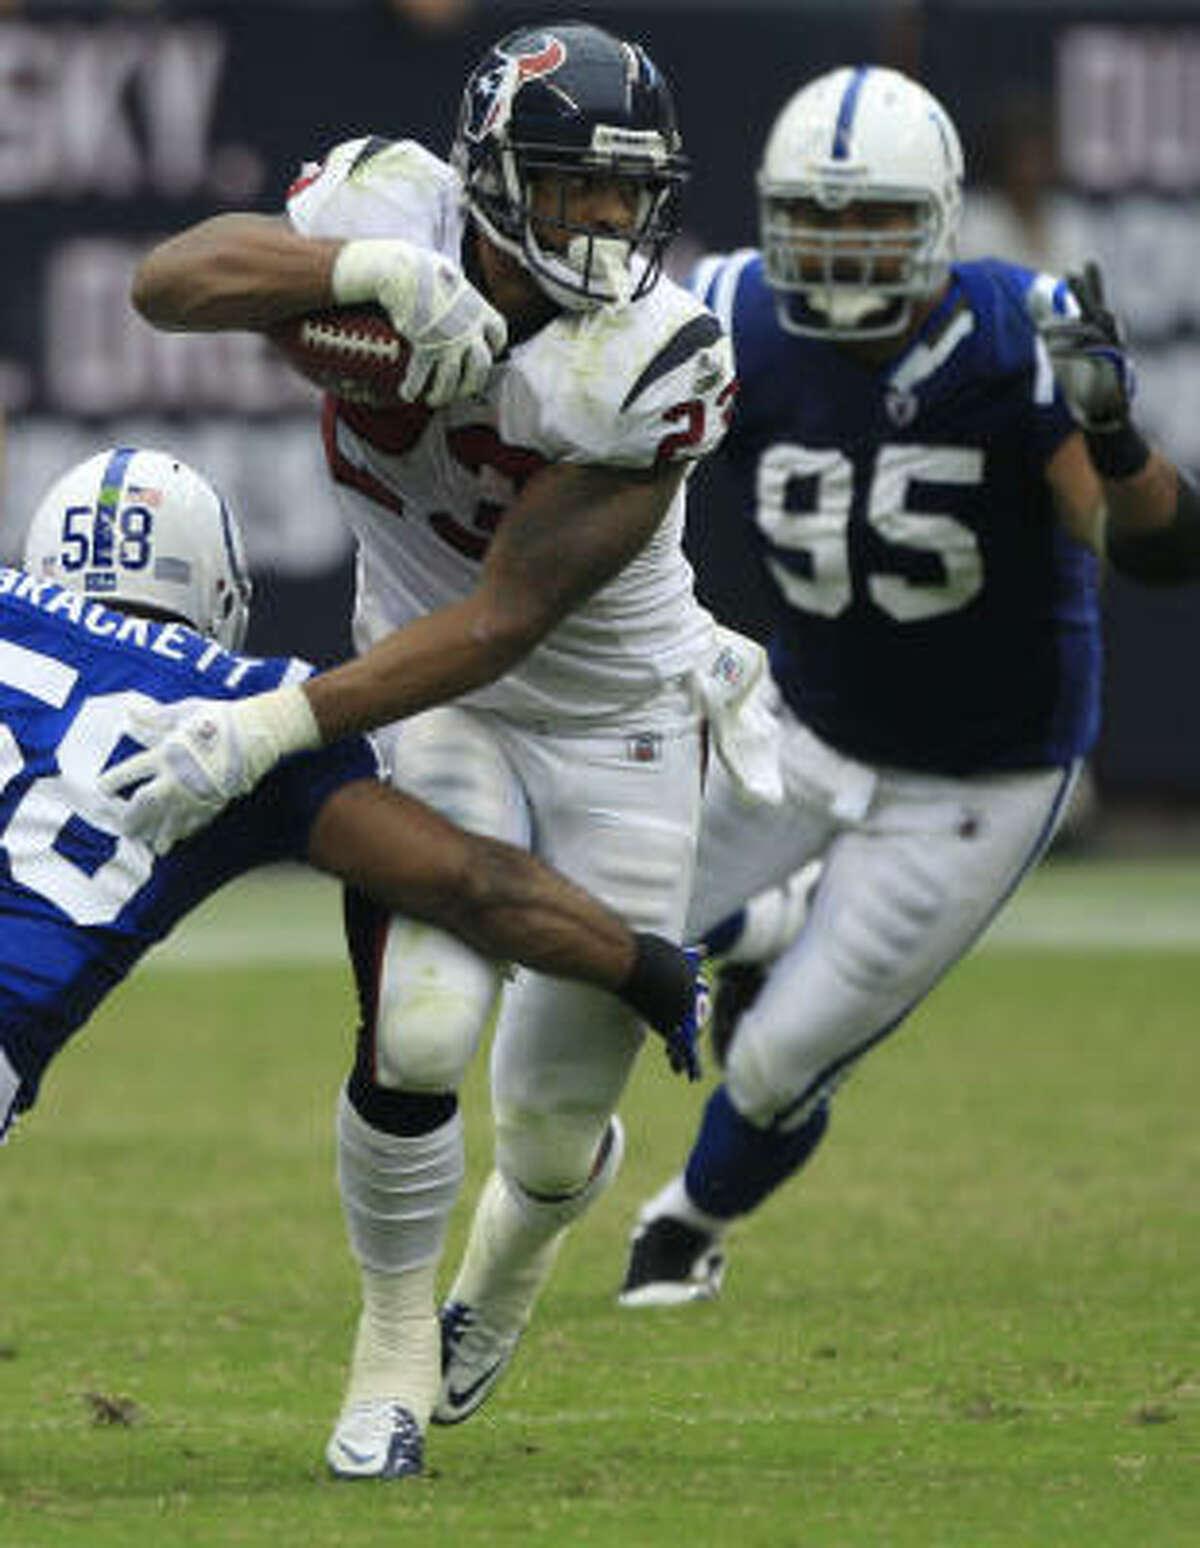 Texans running back Arian Foster (23) sidesteps Colts linebacker Gary Brackett (58) during the third quarter.